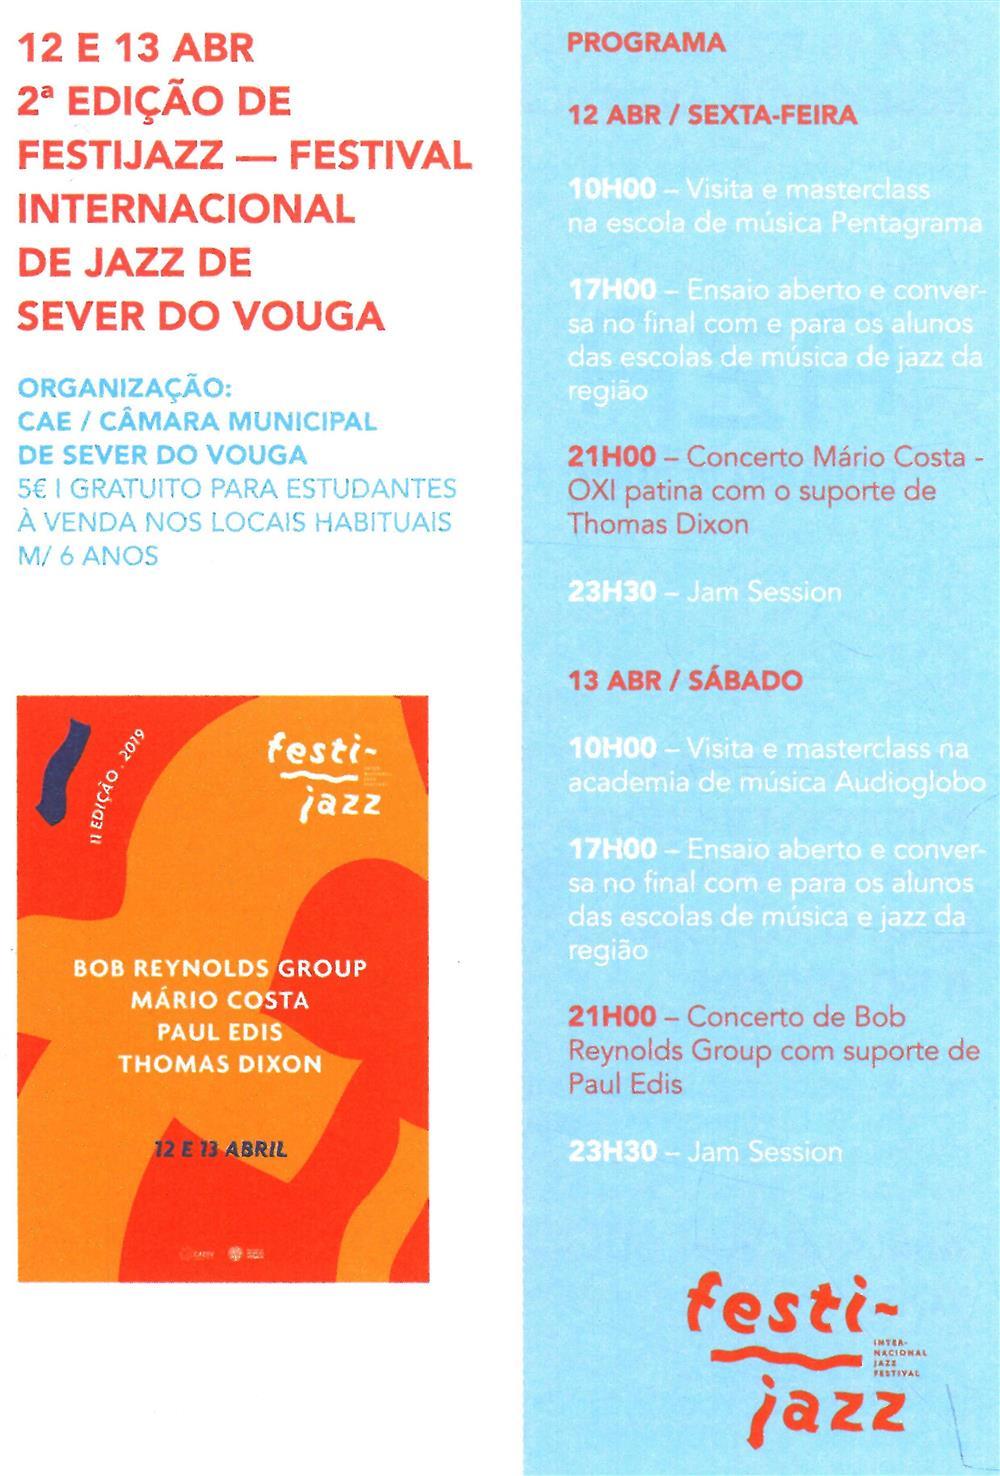 AgCultCAE-01abr.'19-p.7-2.ª edição de Festijazz Festival Internacional de Jazz de Sever do Vouga.jpg